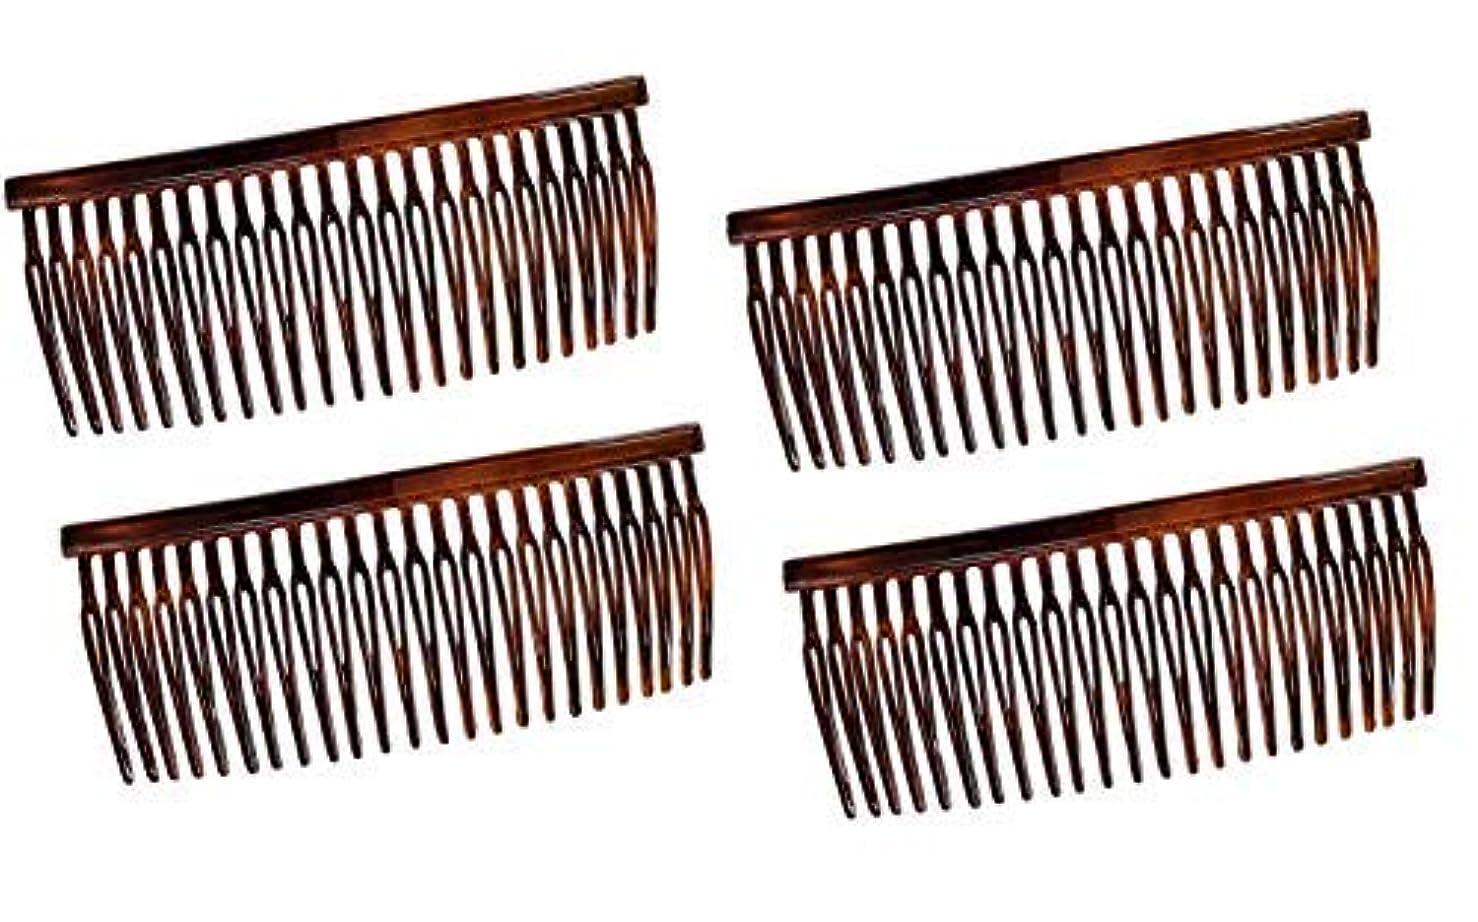 アラスカコンドームリファインParcelona French Large 3.5 Inches Glossy Tortoise Shell Celluloid Good Grip Updo Hair Side Combs 4 pcs [並行輸入品]